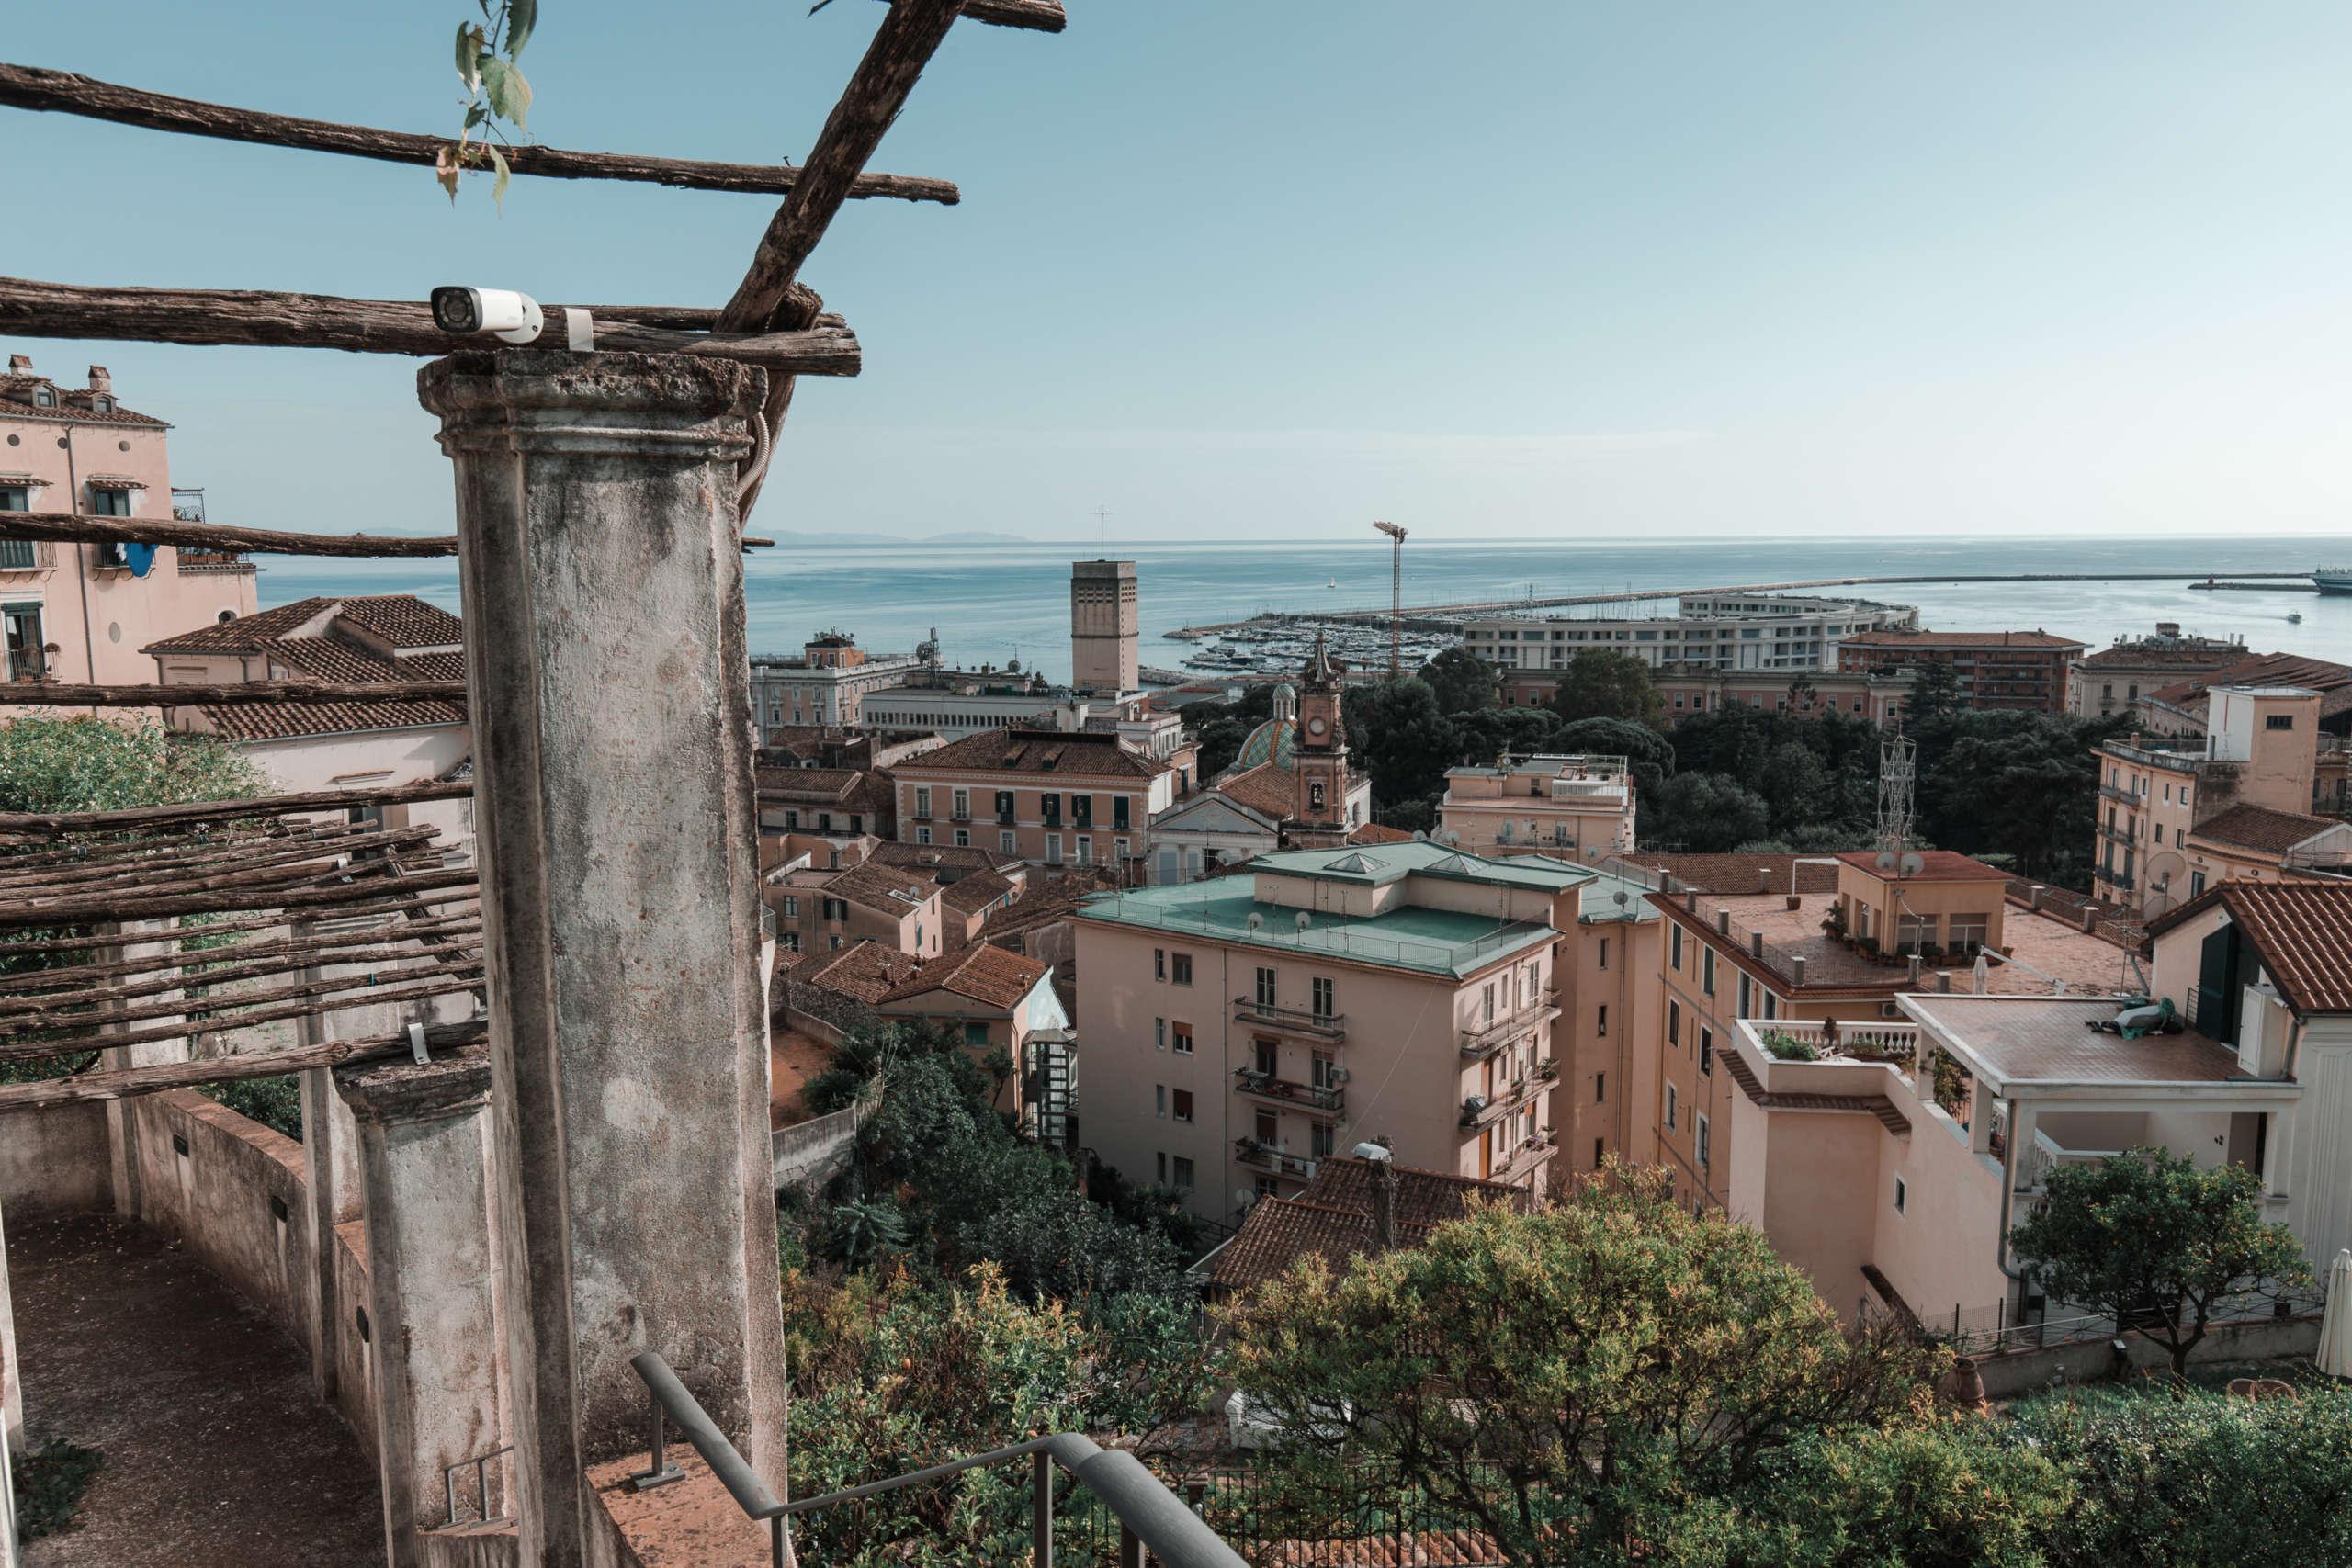 Aussicht von oben auf die Stadt.